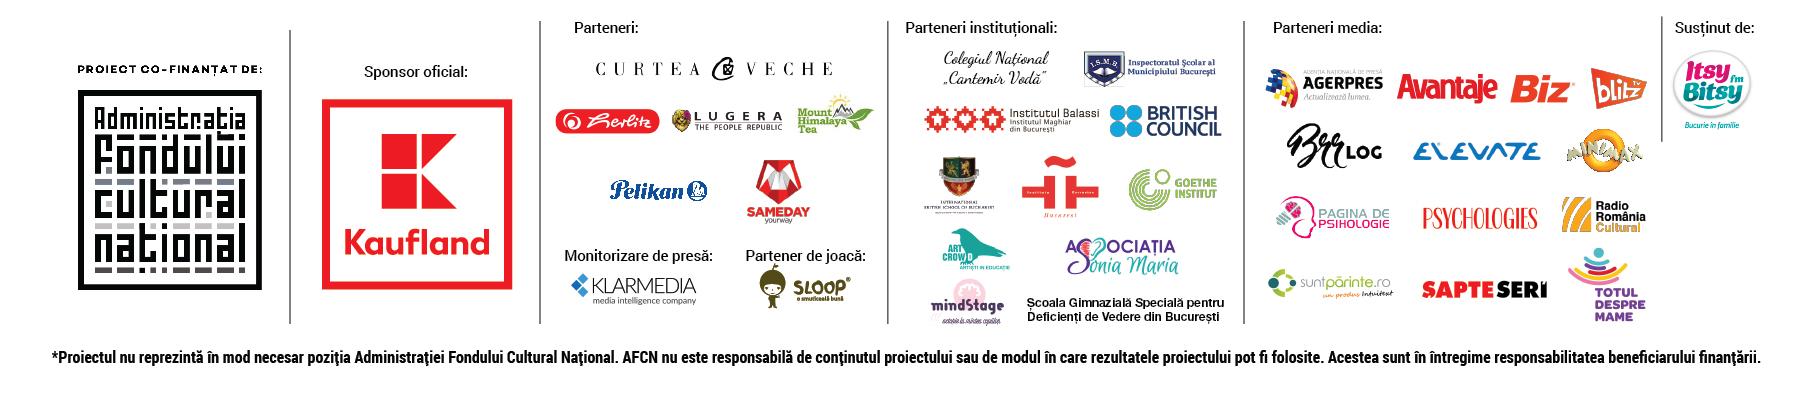 Lista parteneri si sponsori Festival 2017